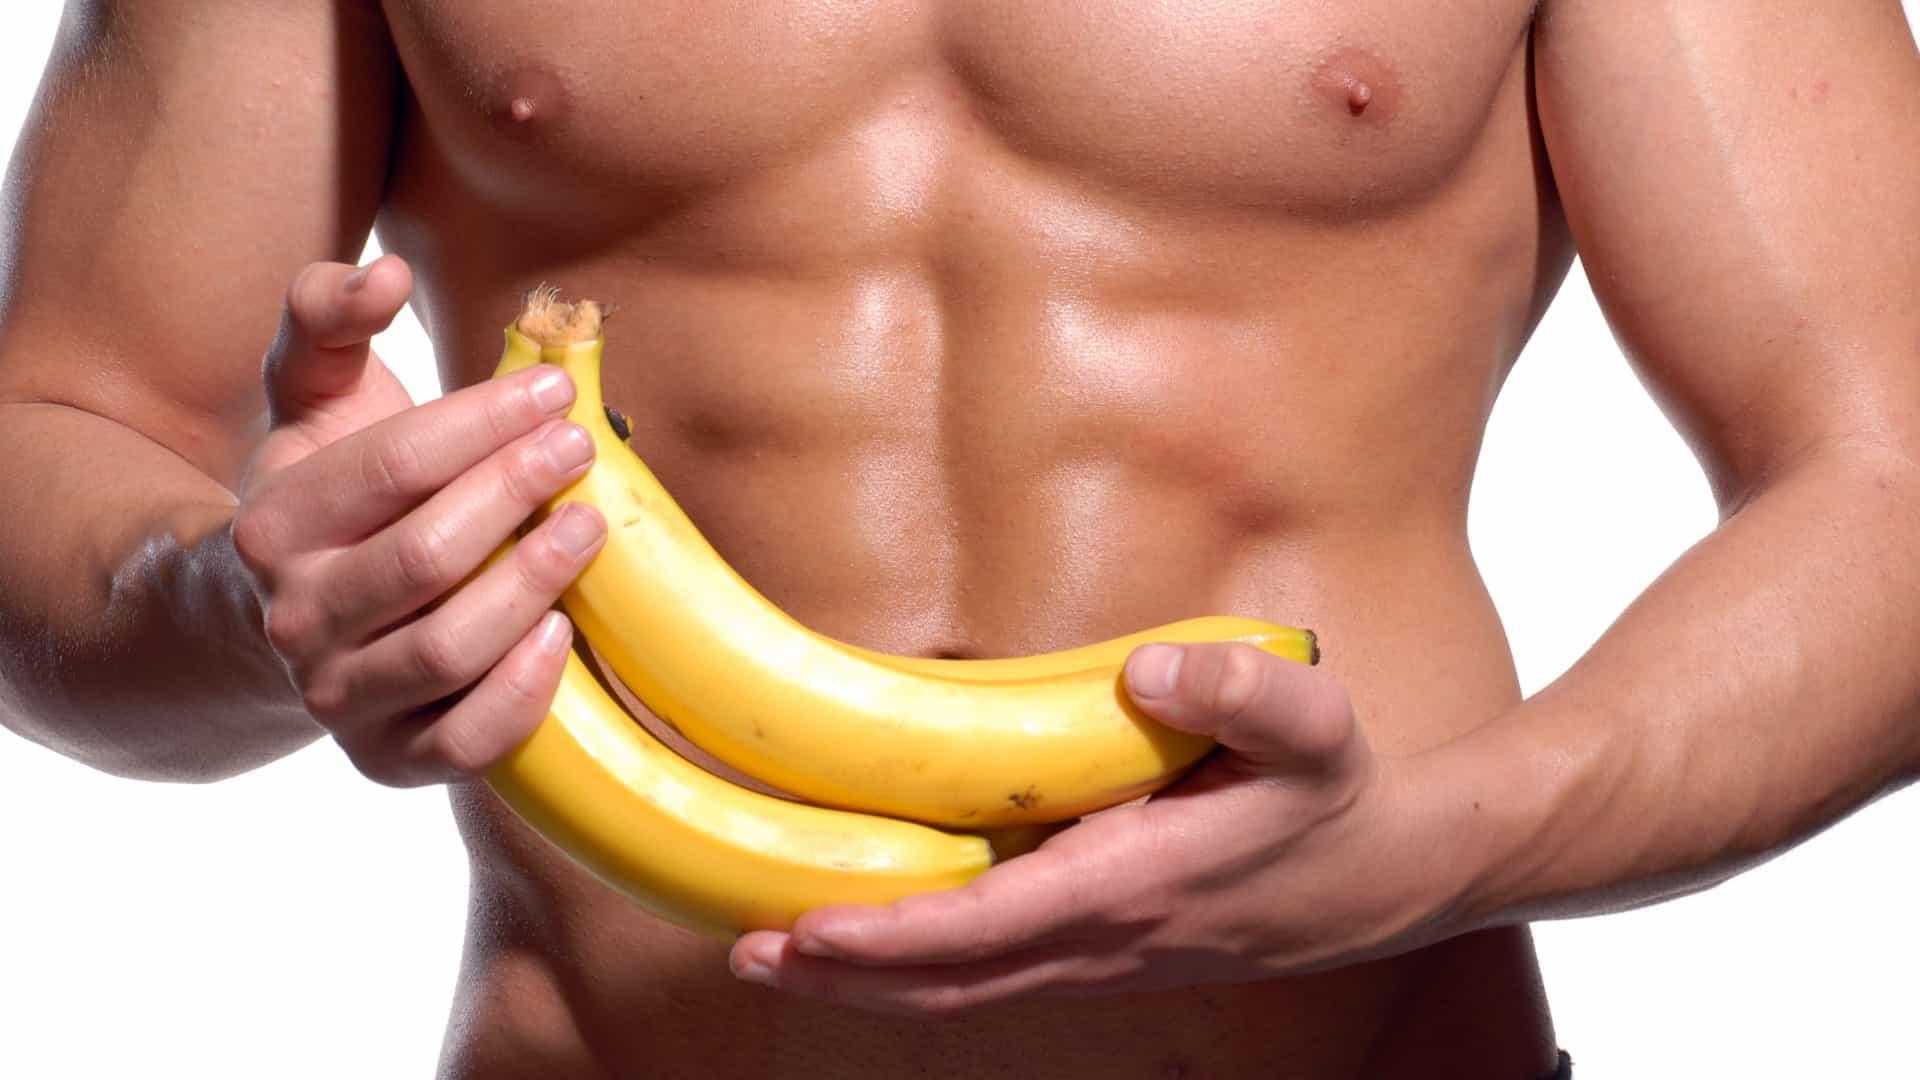 homem musculoso segruando bananas que ajudam a aumentar a quantidade de esperma